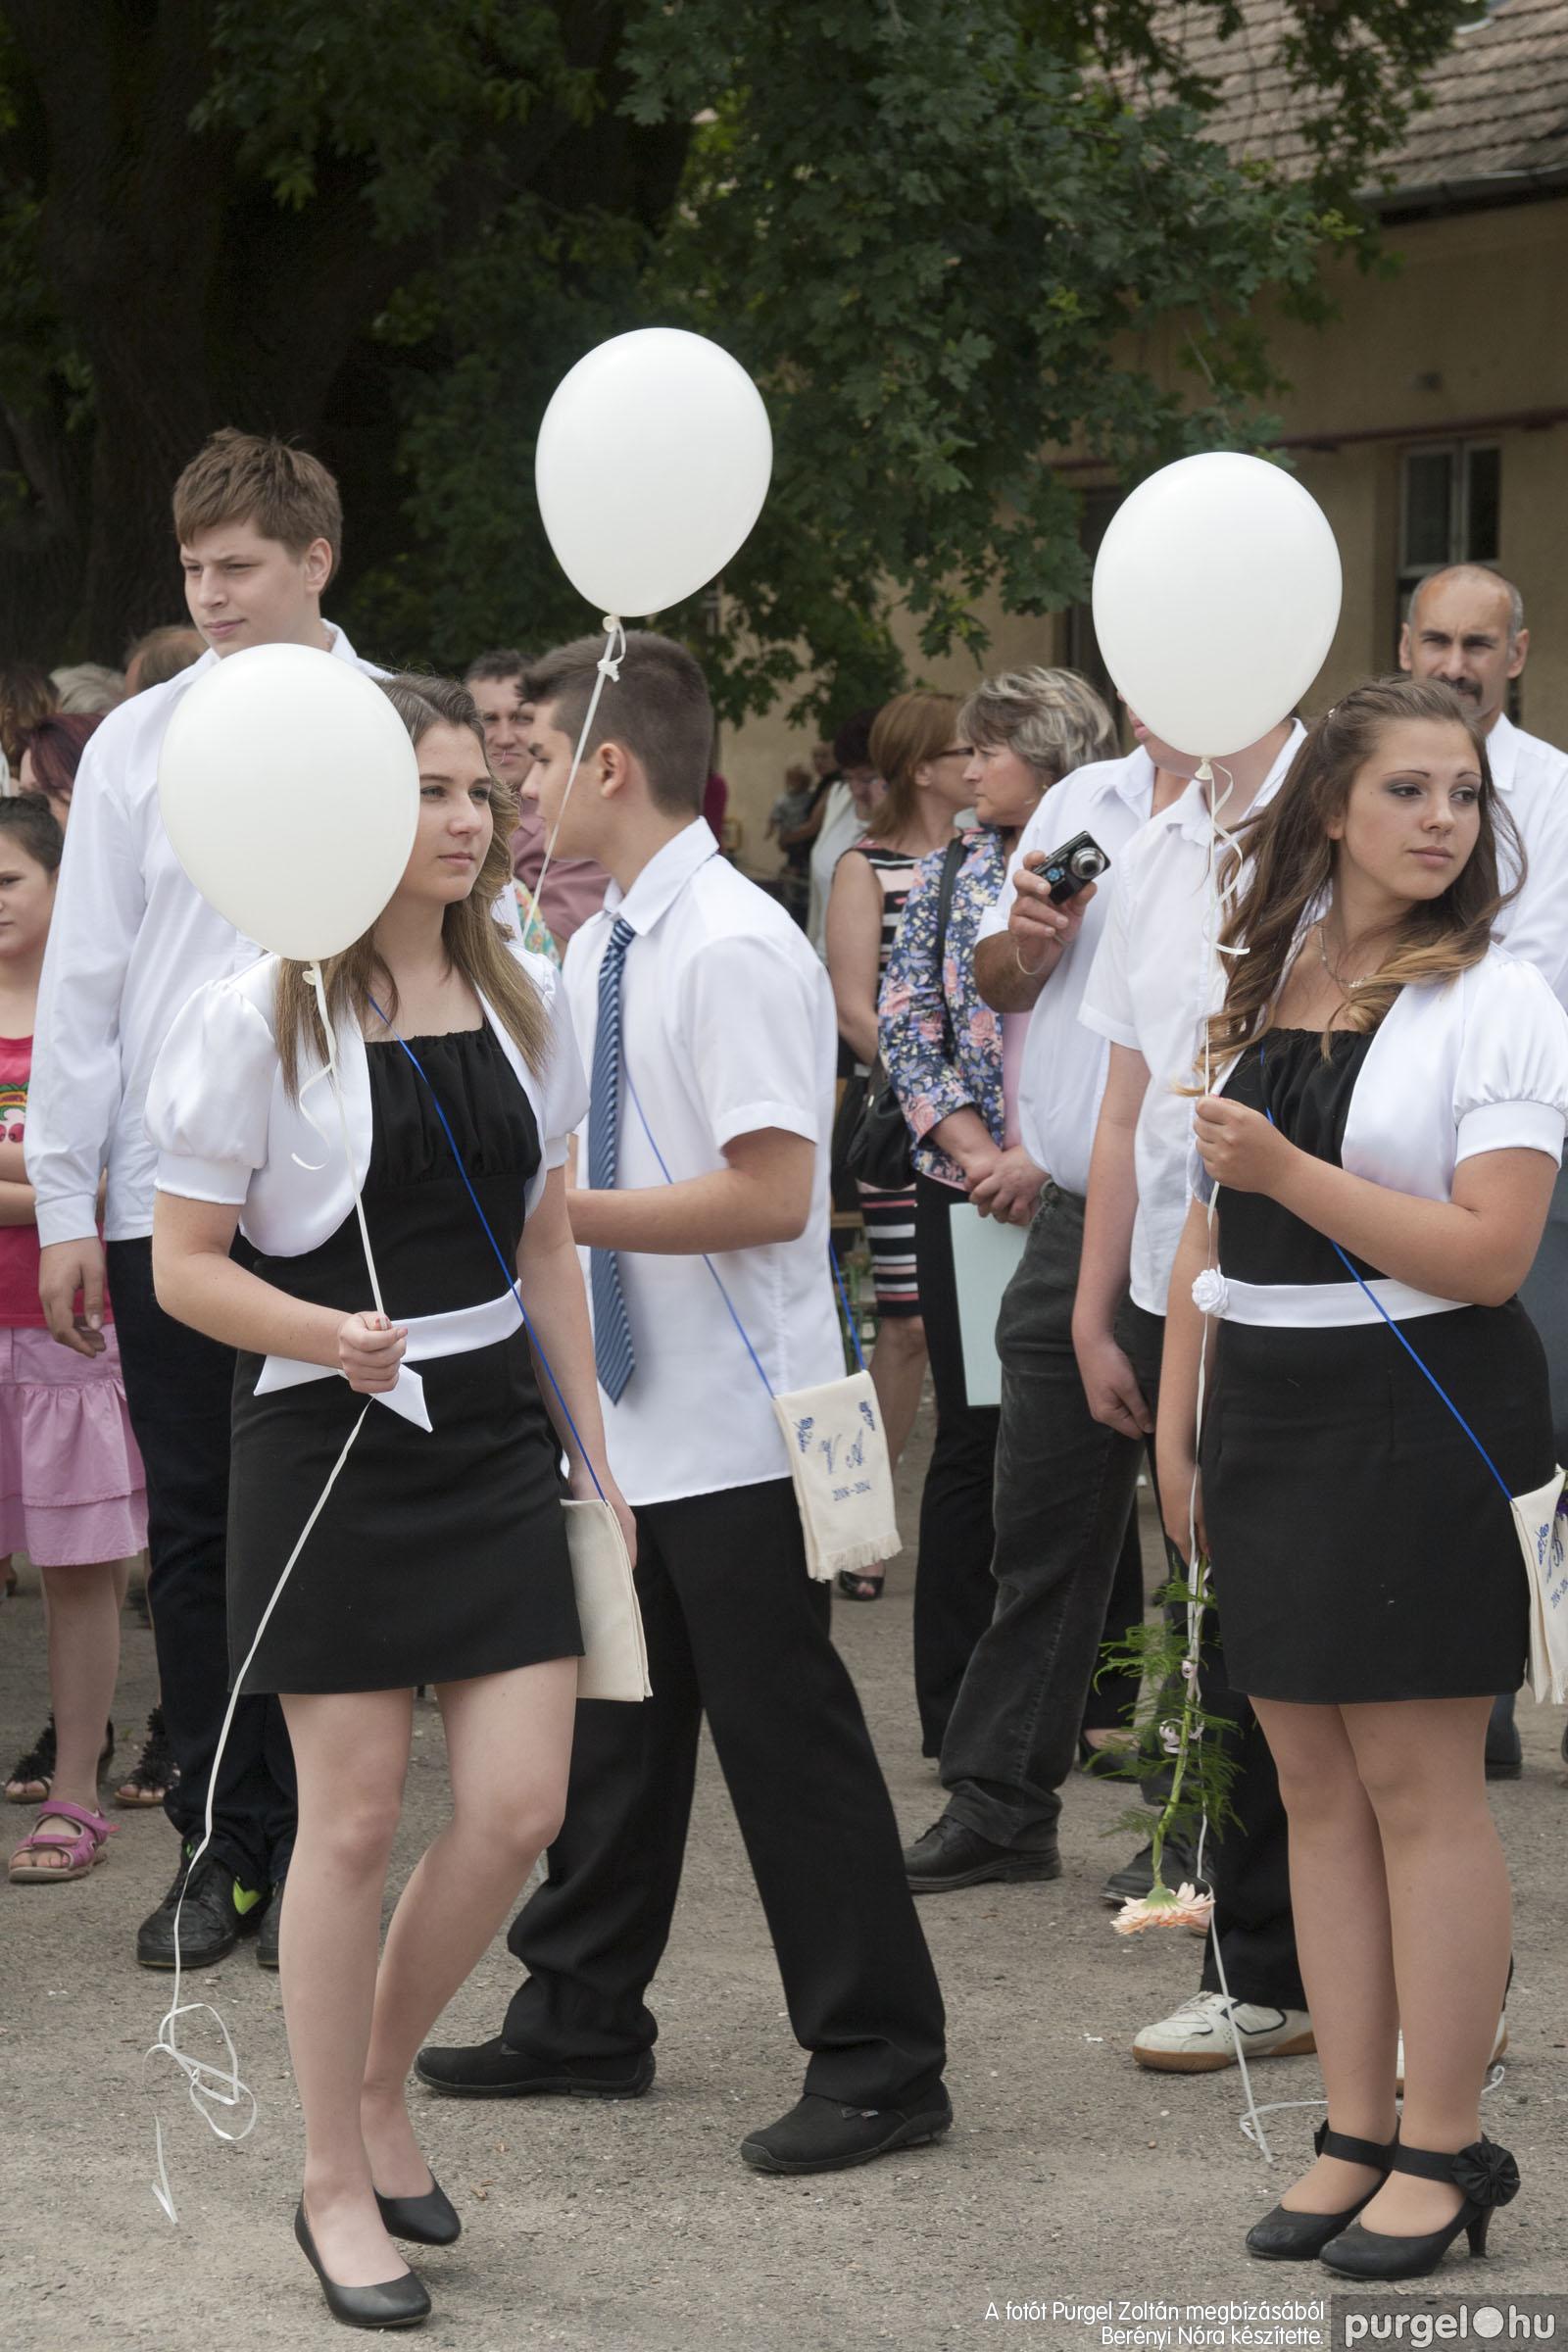 2014.06.14. 336 Forray Máté Általános Iskola ballagás 2014. - Fotó:BERÉNYI NÓRA© _MG_6069